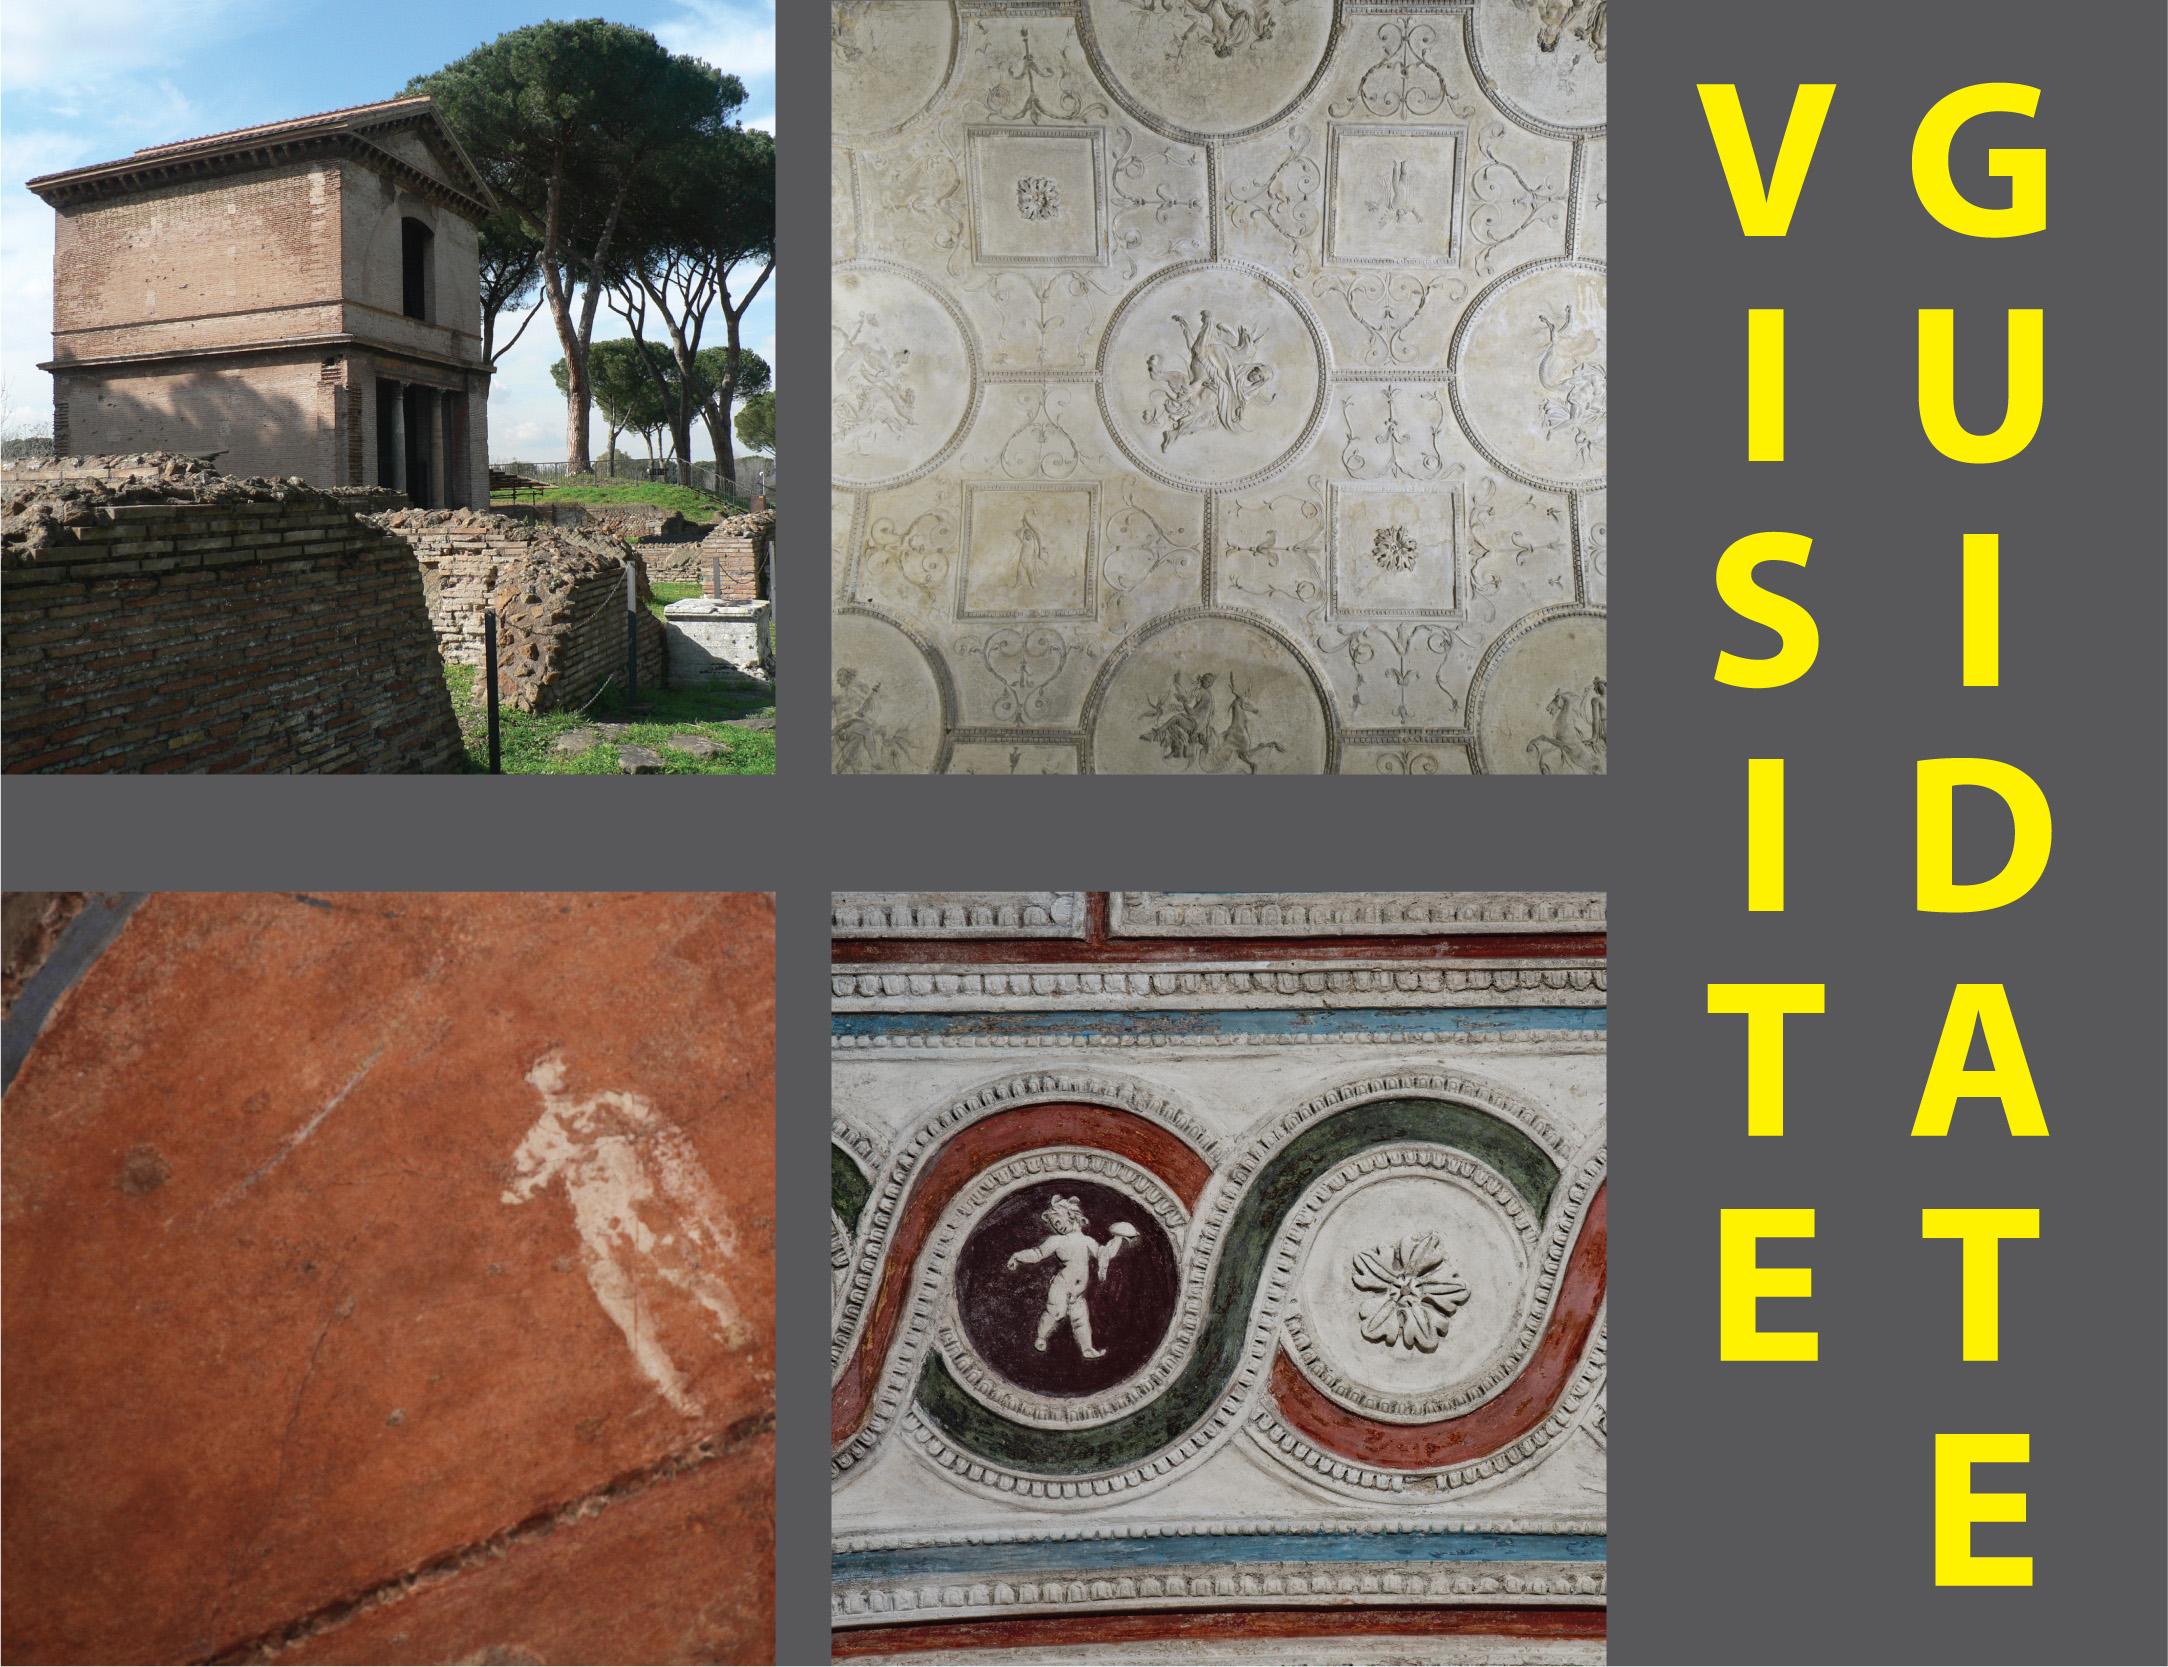 Visite guidate alle Tombe della Via Latina